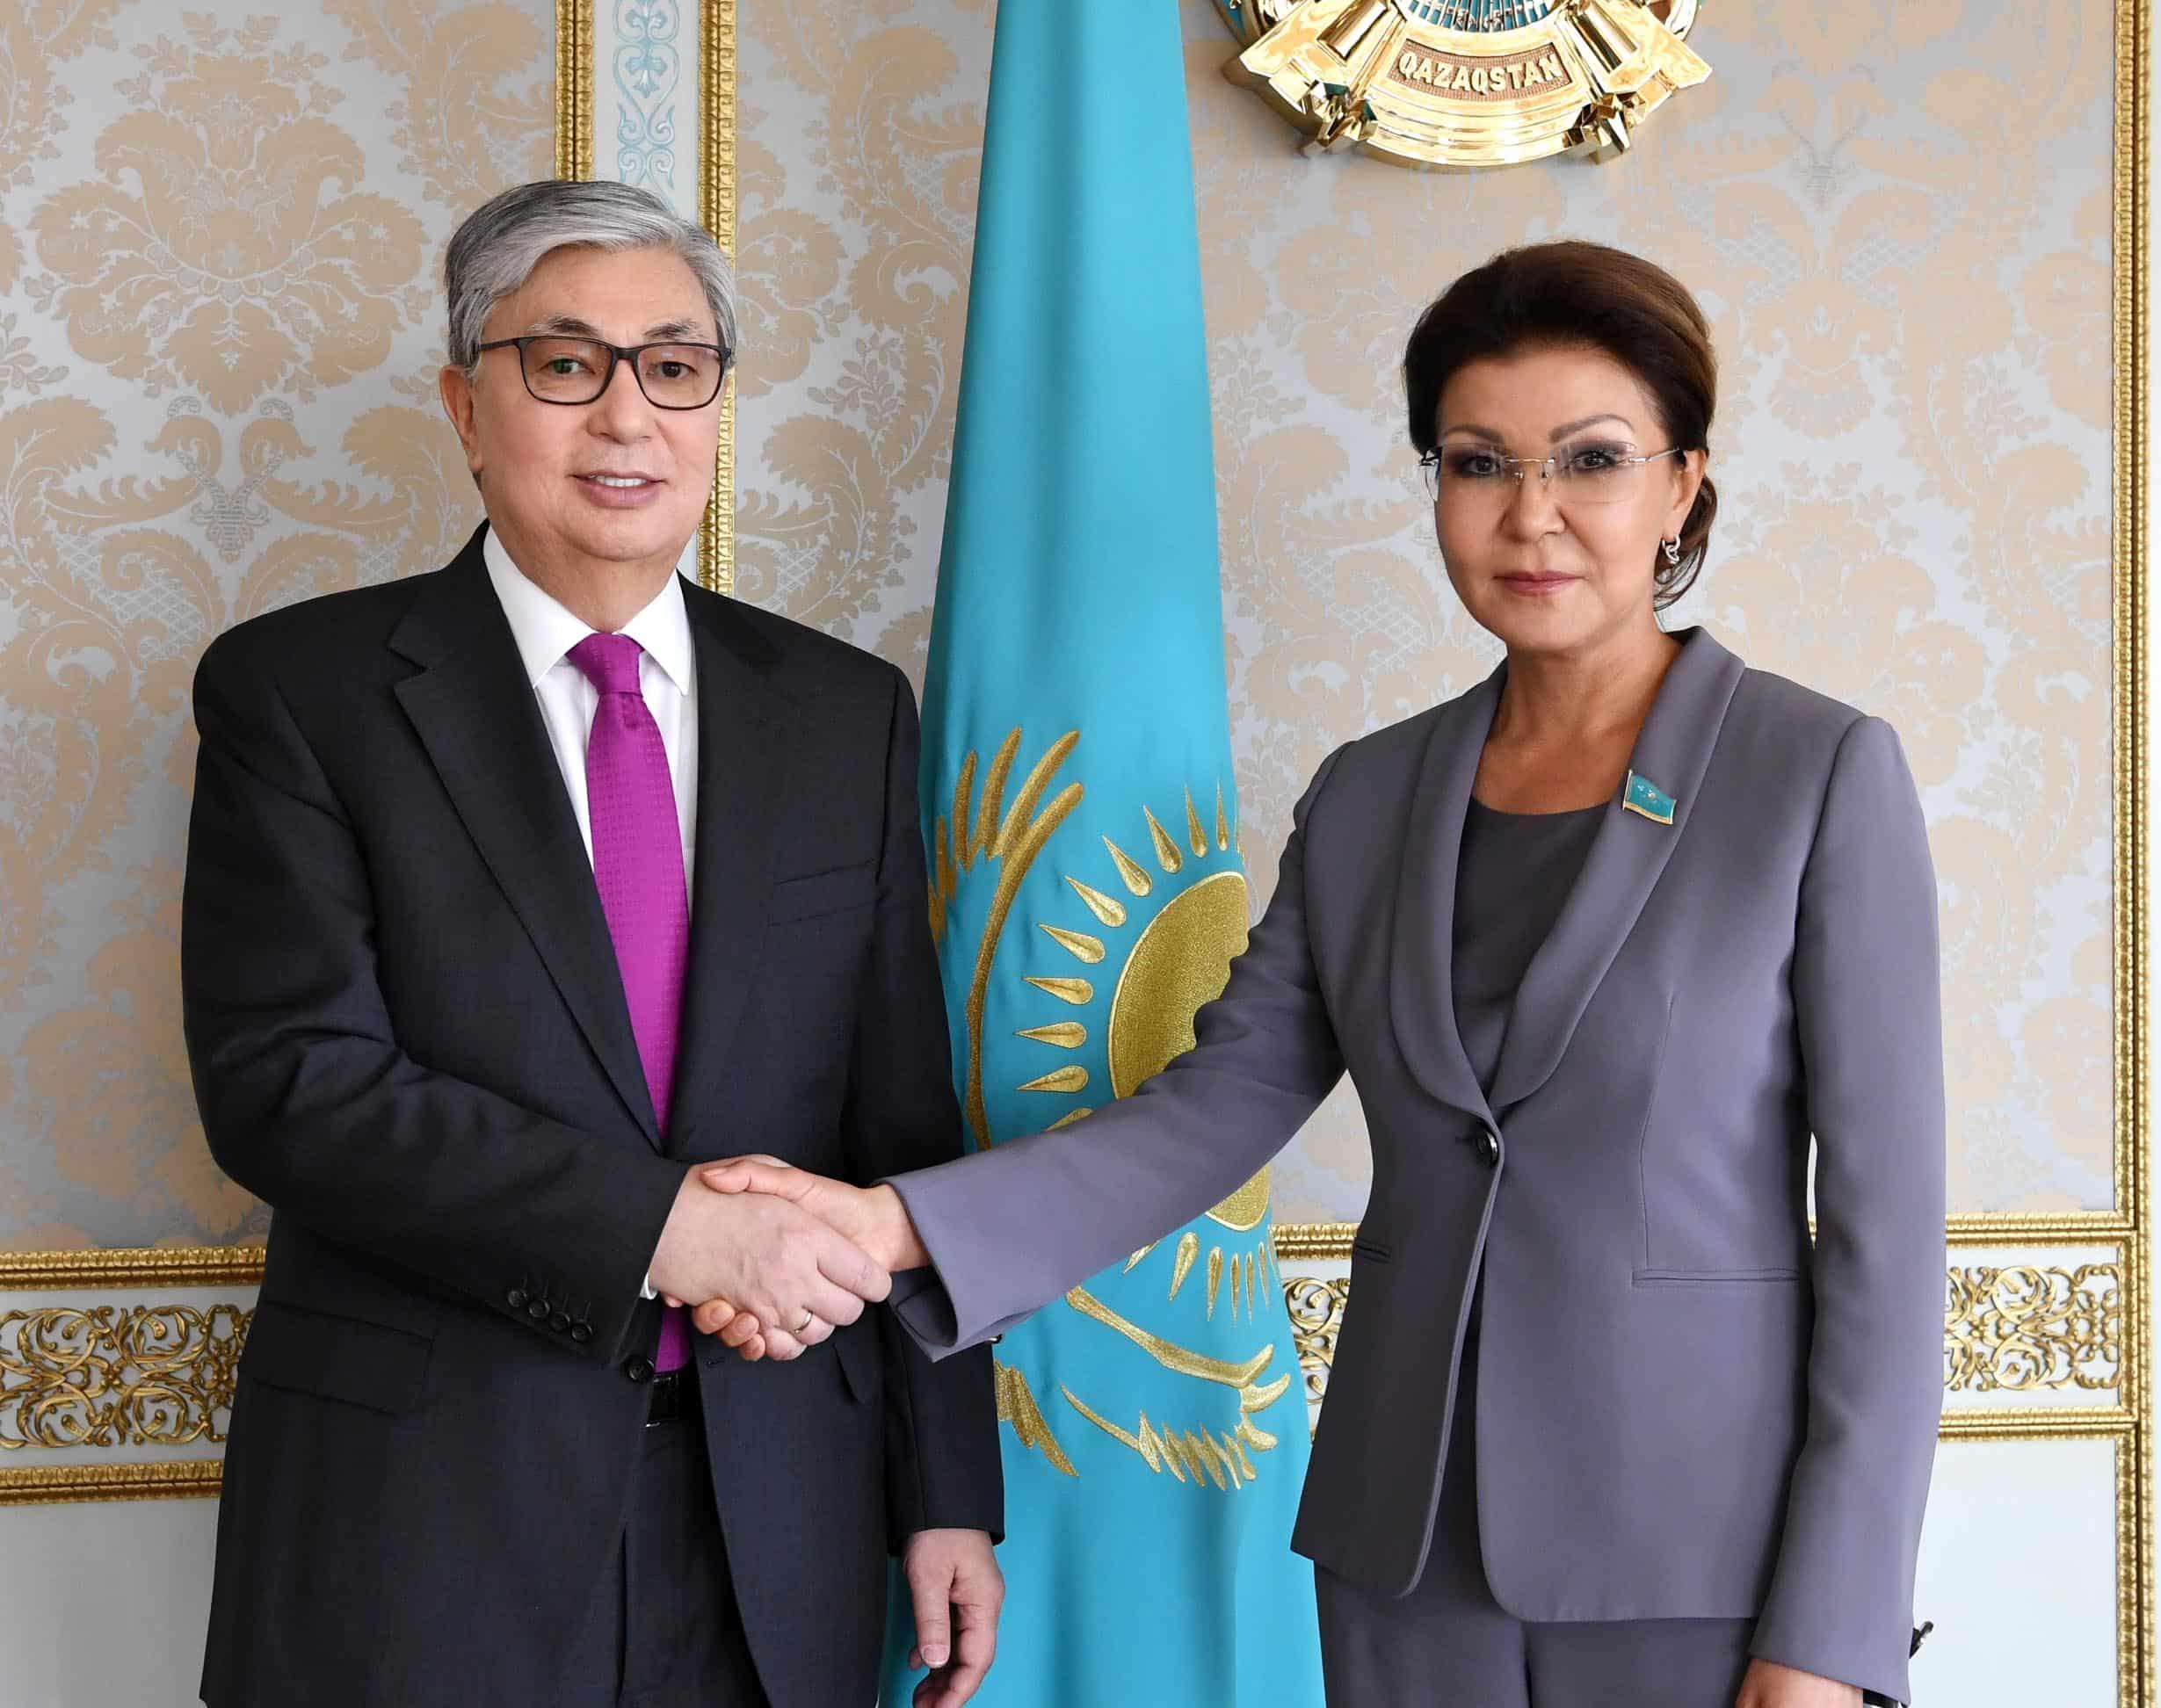 Қасым-Жомарт Тоқаев пен Дариға Назарбаева Сенат спикерін сайлаудан соң